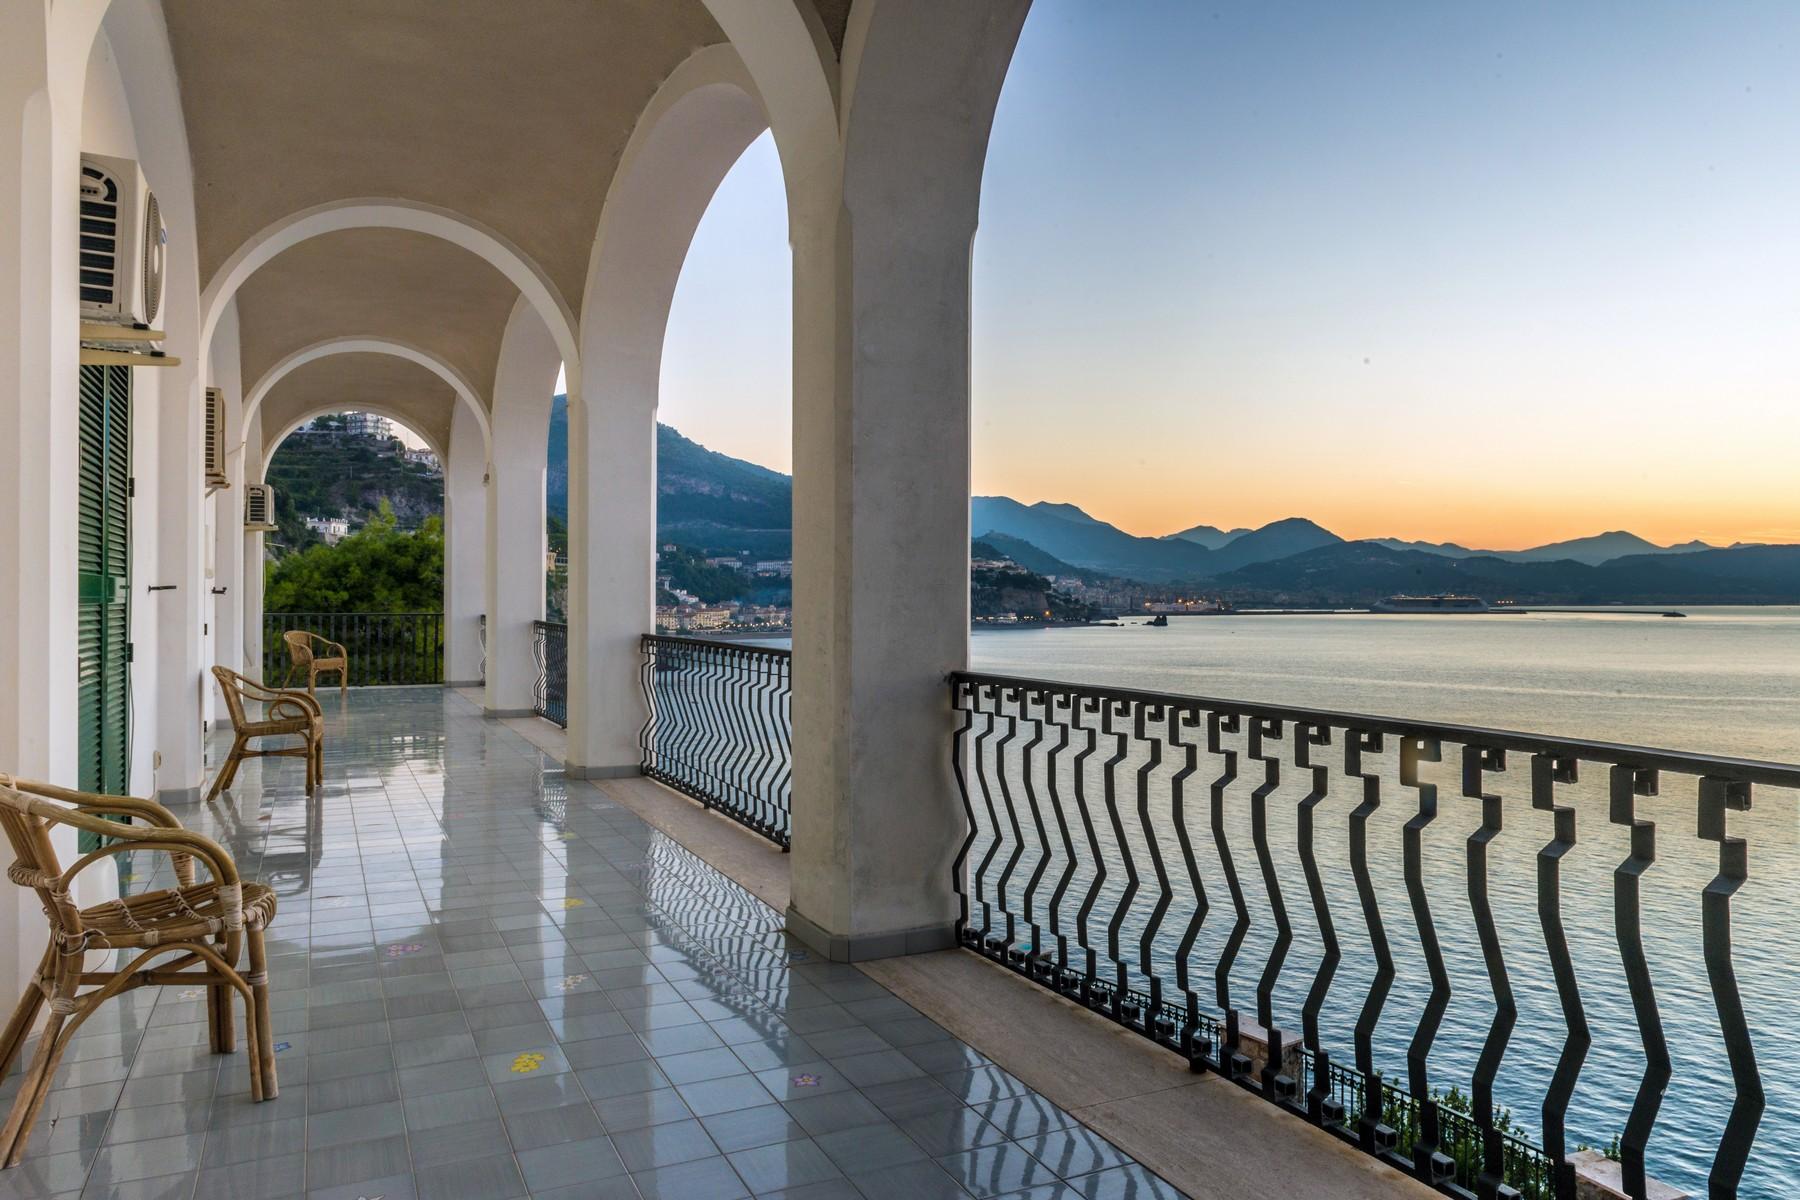 Single Family Home for Sale at Unique seafront villa on the Amalfi Coast Vietri sul Mare Vietri Sul Mare, Salerno 84019 Italy